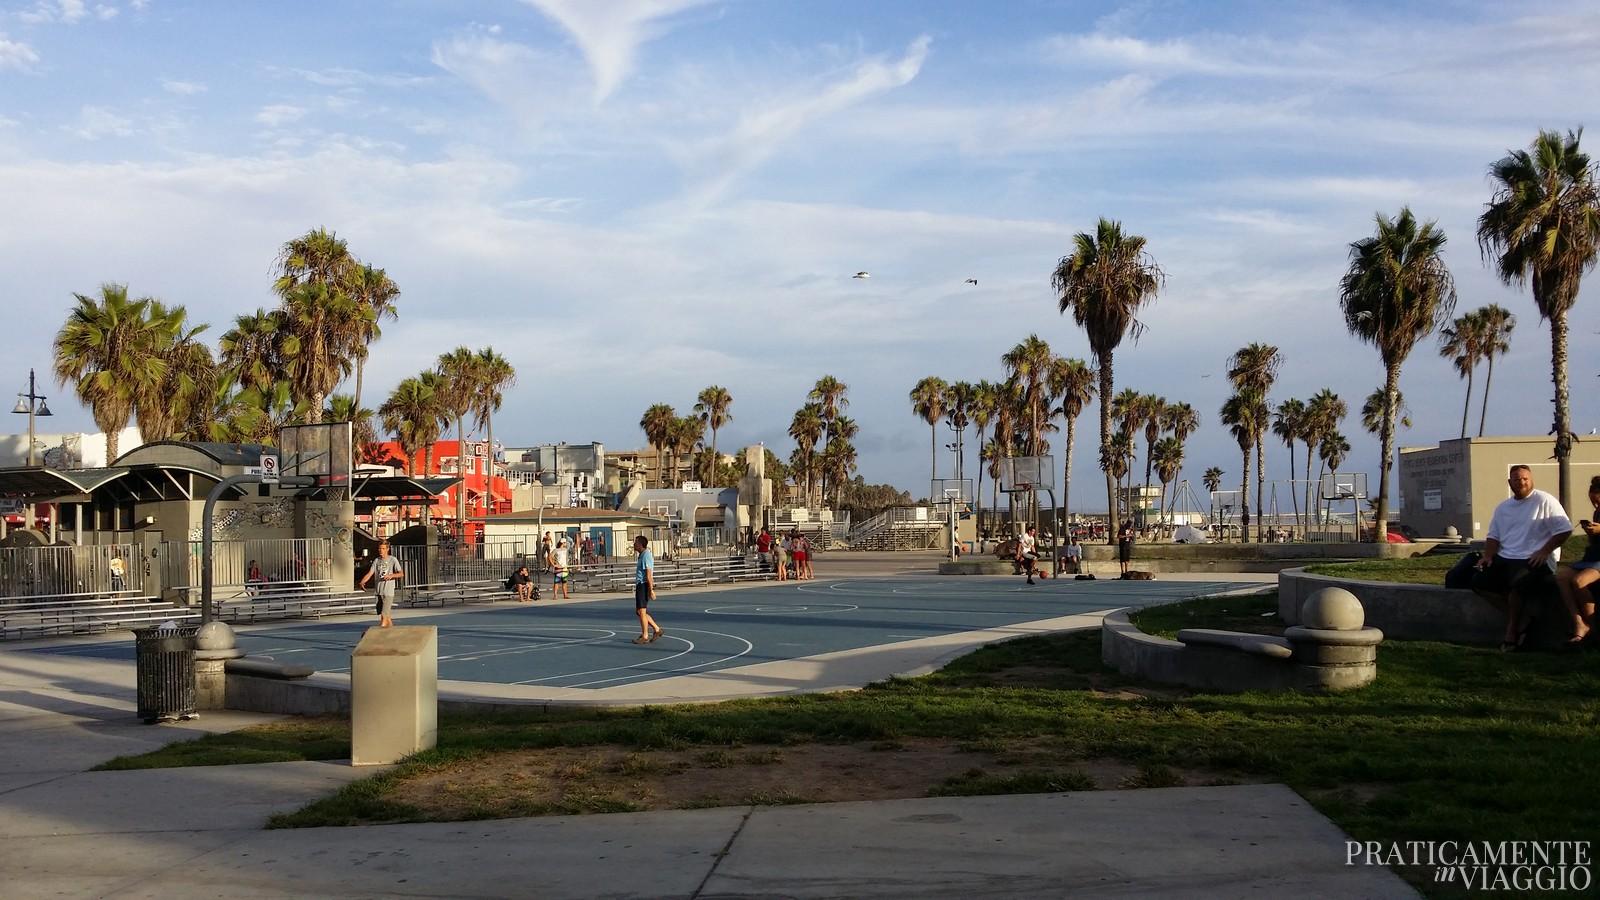 Basketball a Venice beach